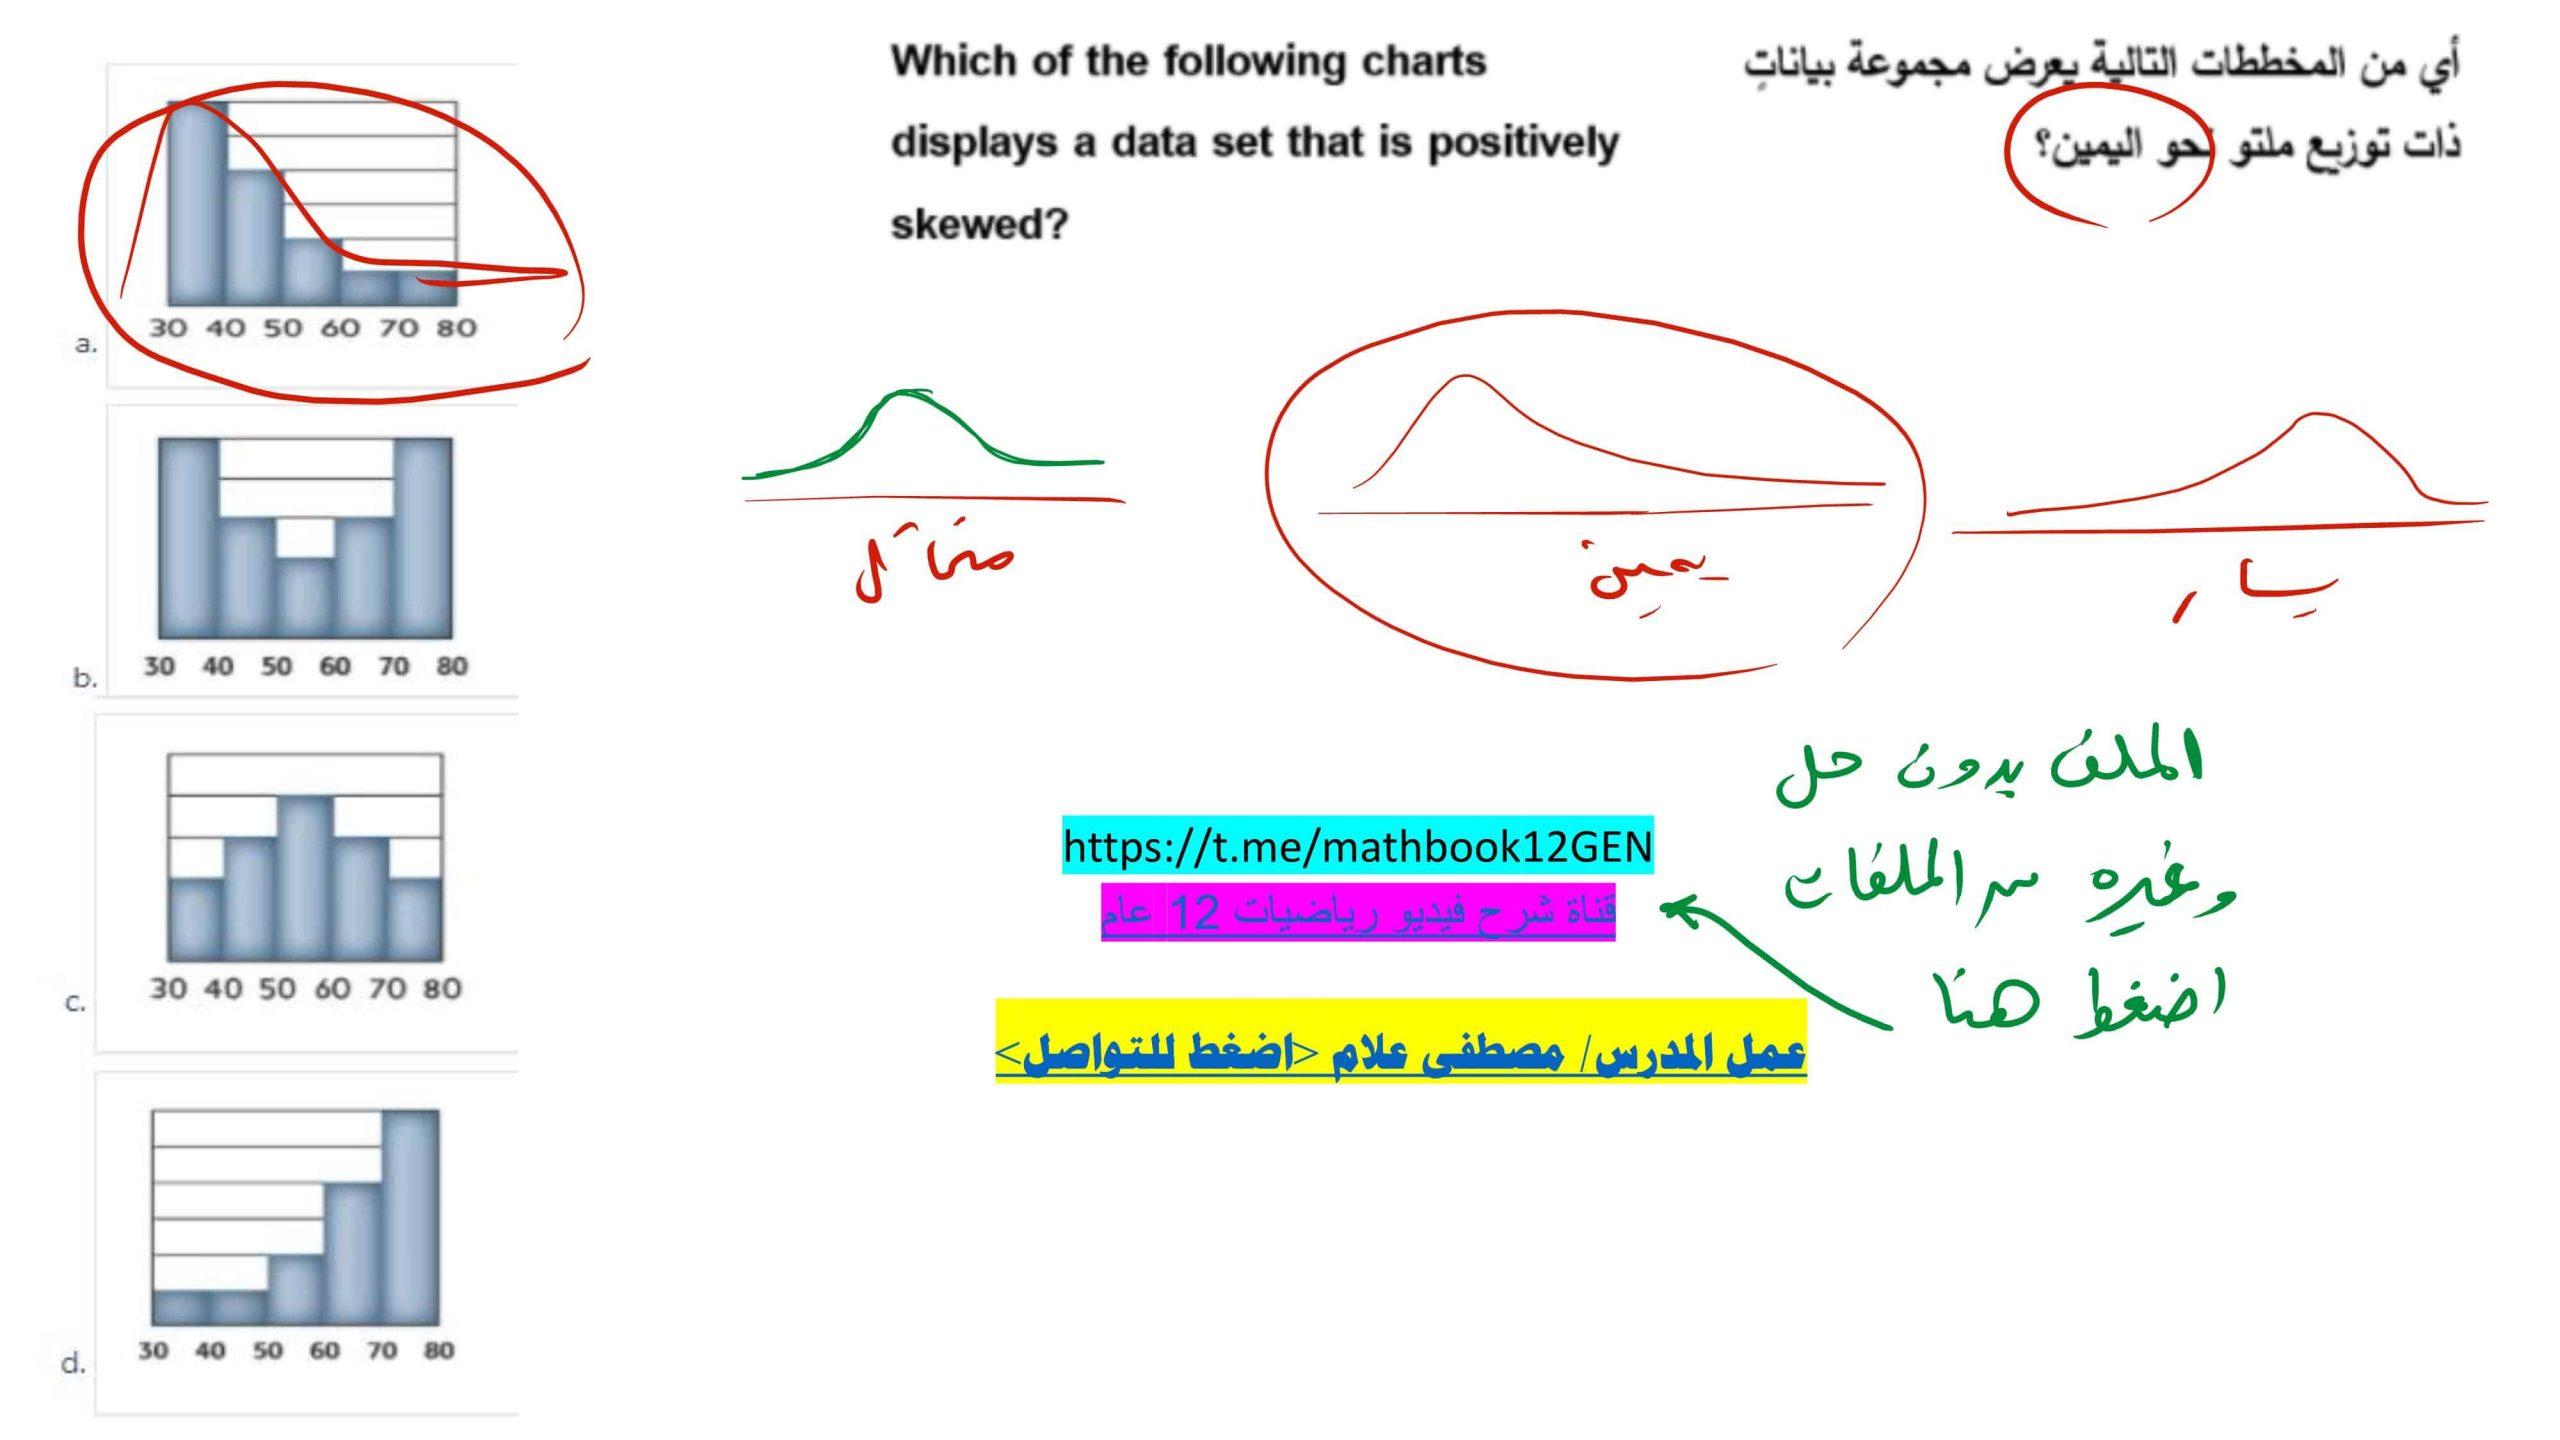 حل امتحان نهاية الفصل الدراسي الثالث 2019-2020 الصف الثاني عشر عام مادة الرياضيات المتكاملة